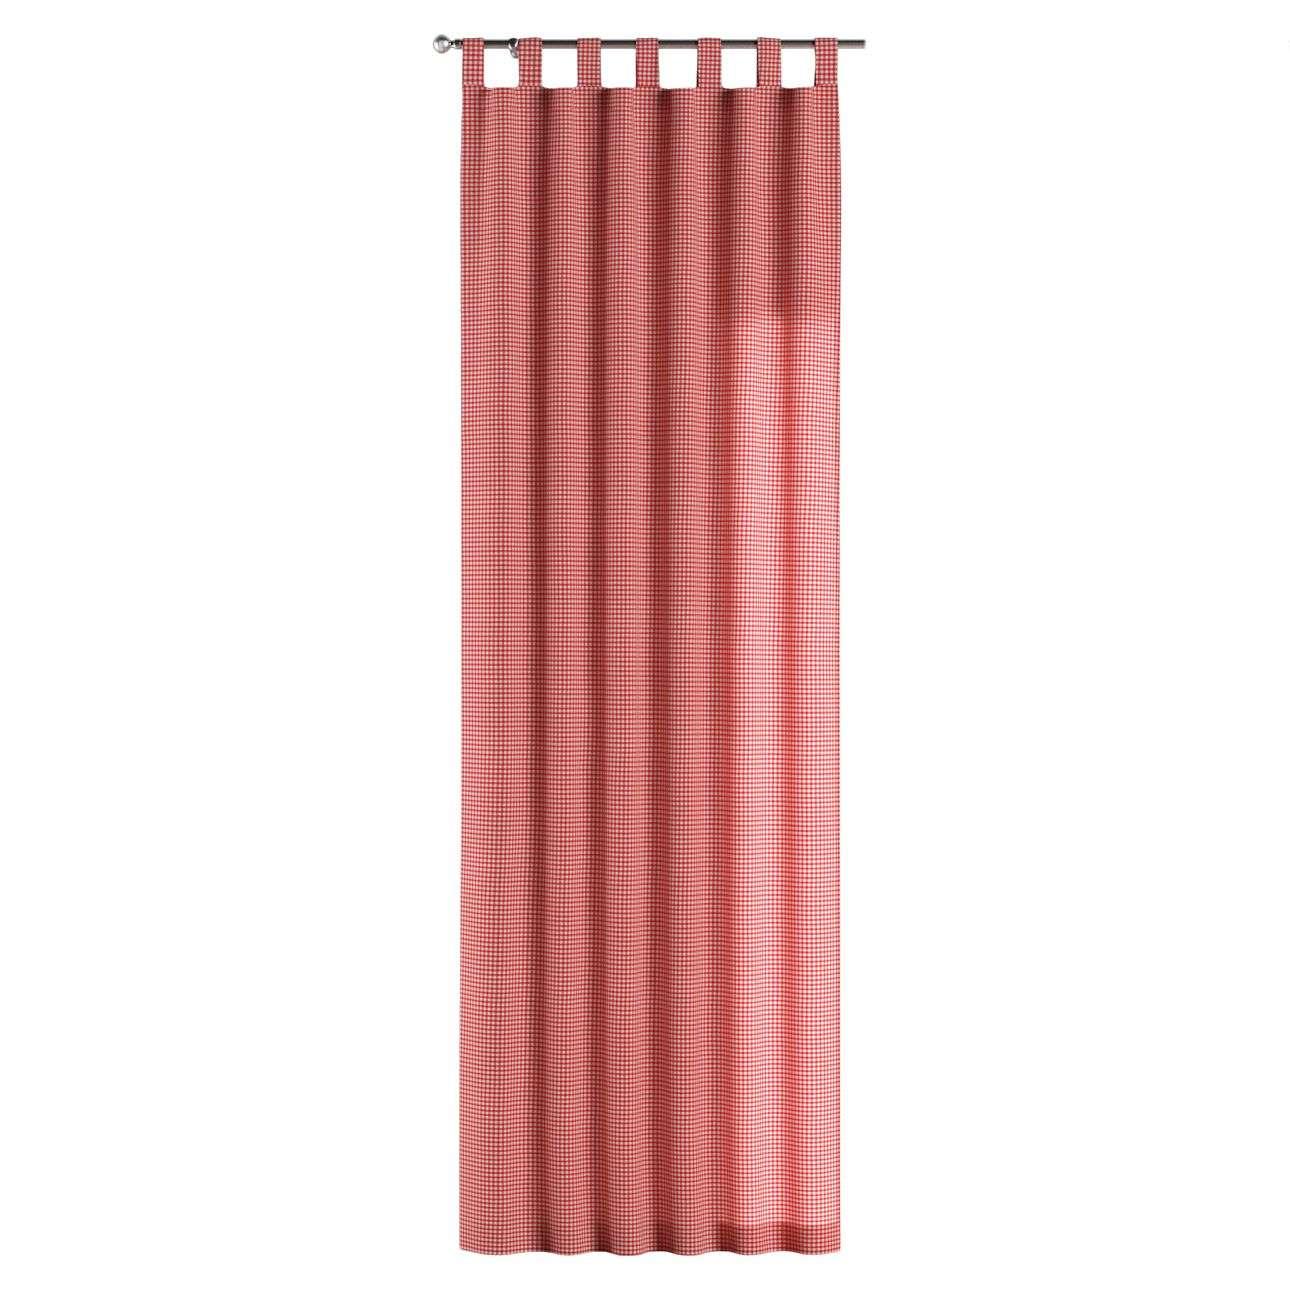 Kilpinio klostavimo užuolaidos 130 x 260 cm (plotis x ilgis) kolekcijoje Quadro, audinys: 136-15